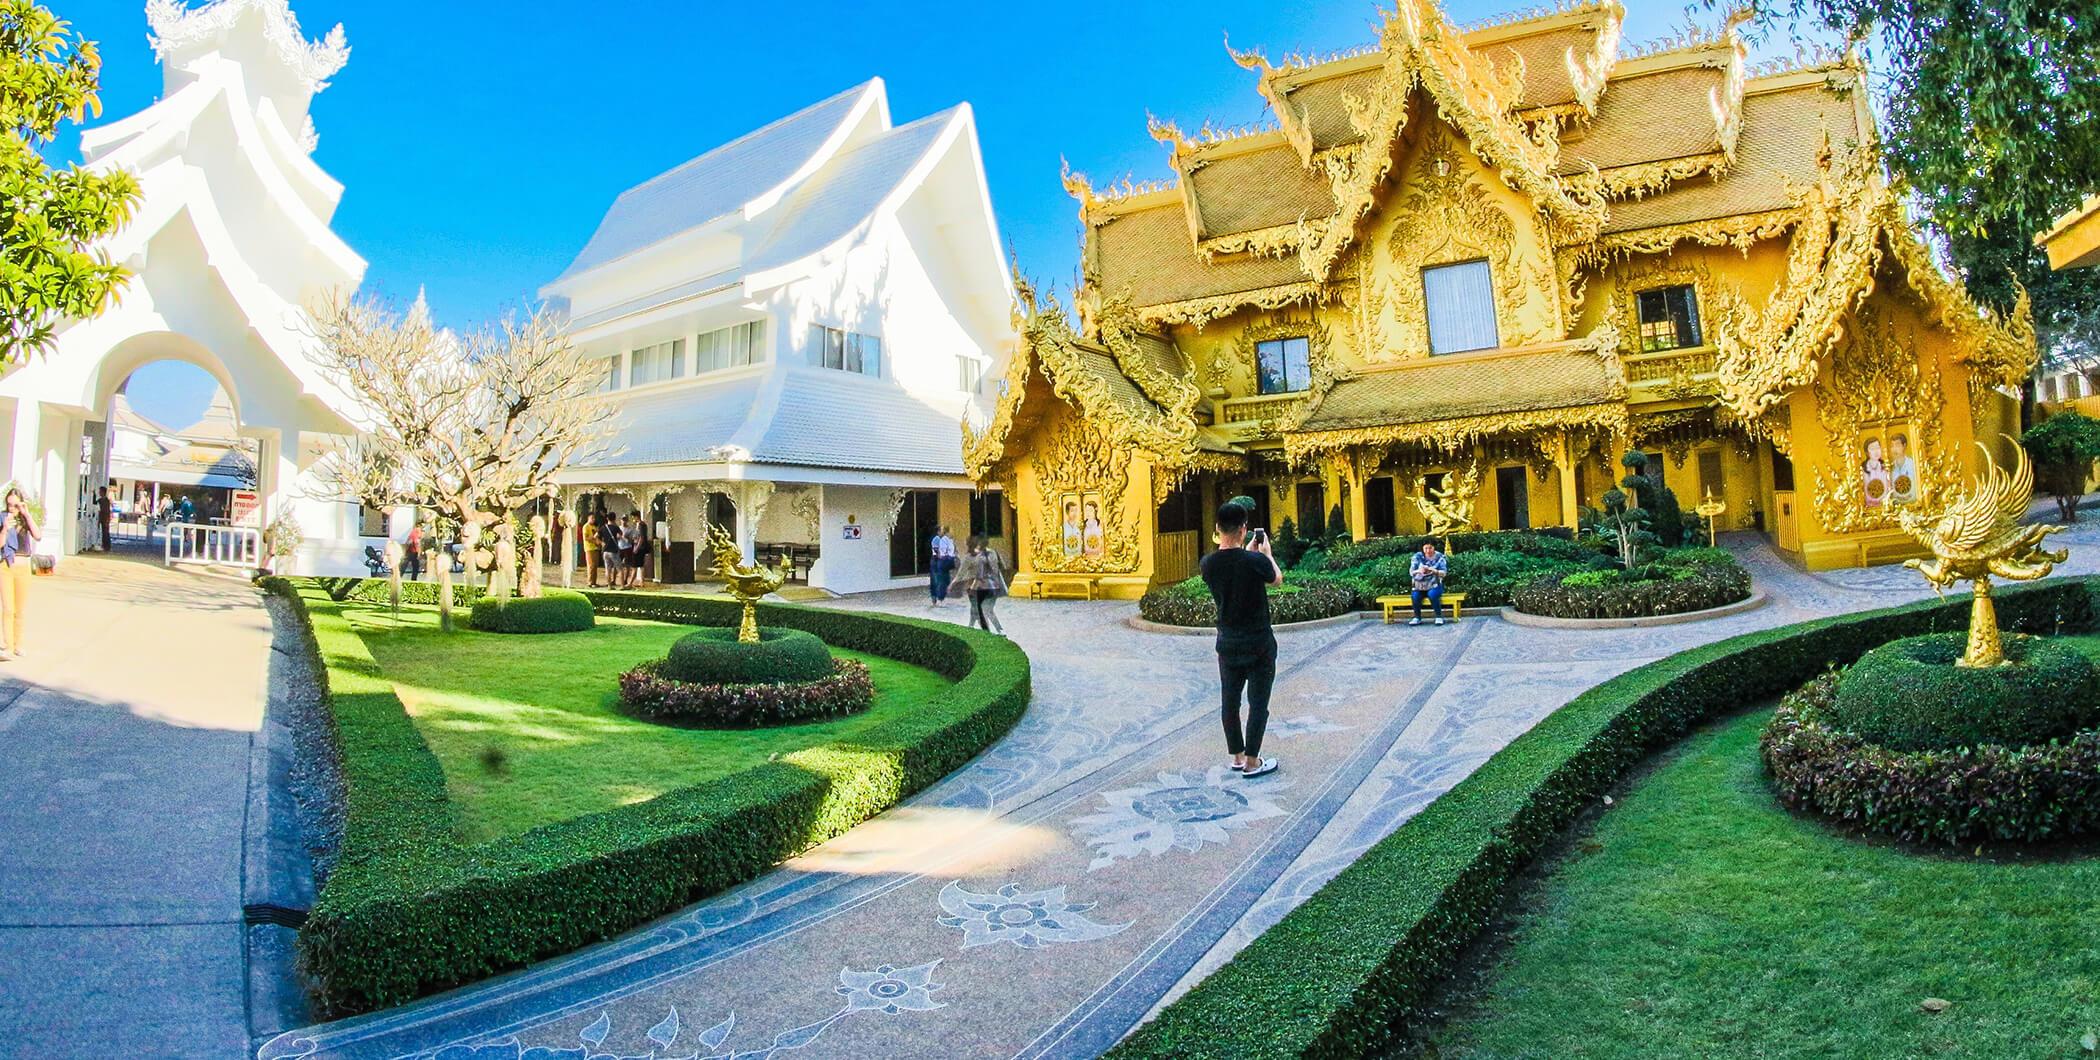 Landvetter Parkering | Varför Thailand Är Svensk Nummer 1 Destination Att Resa Till?